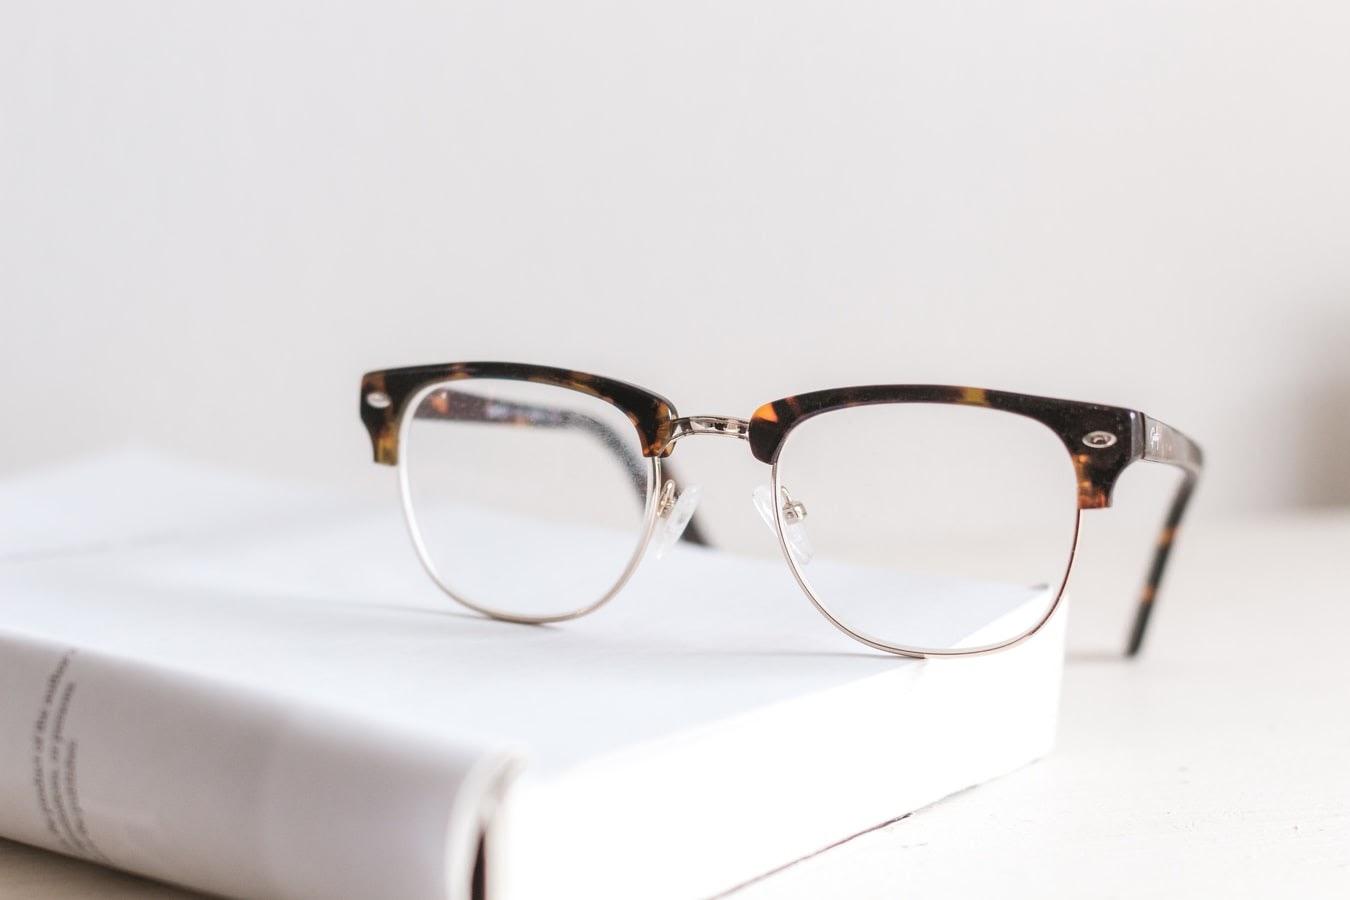 【プロ監修】タイミングはいつ?メガネを買い替える時期や寿命とは